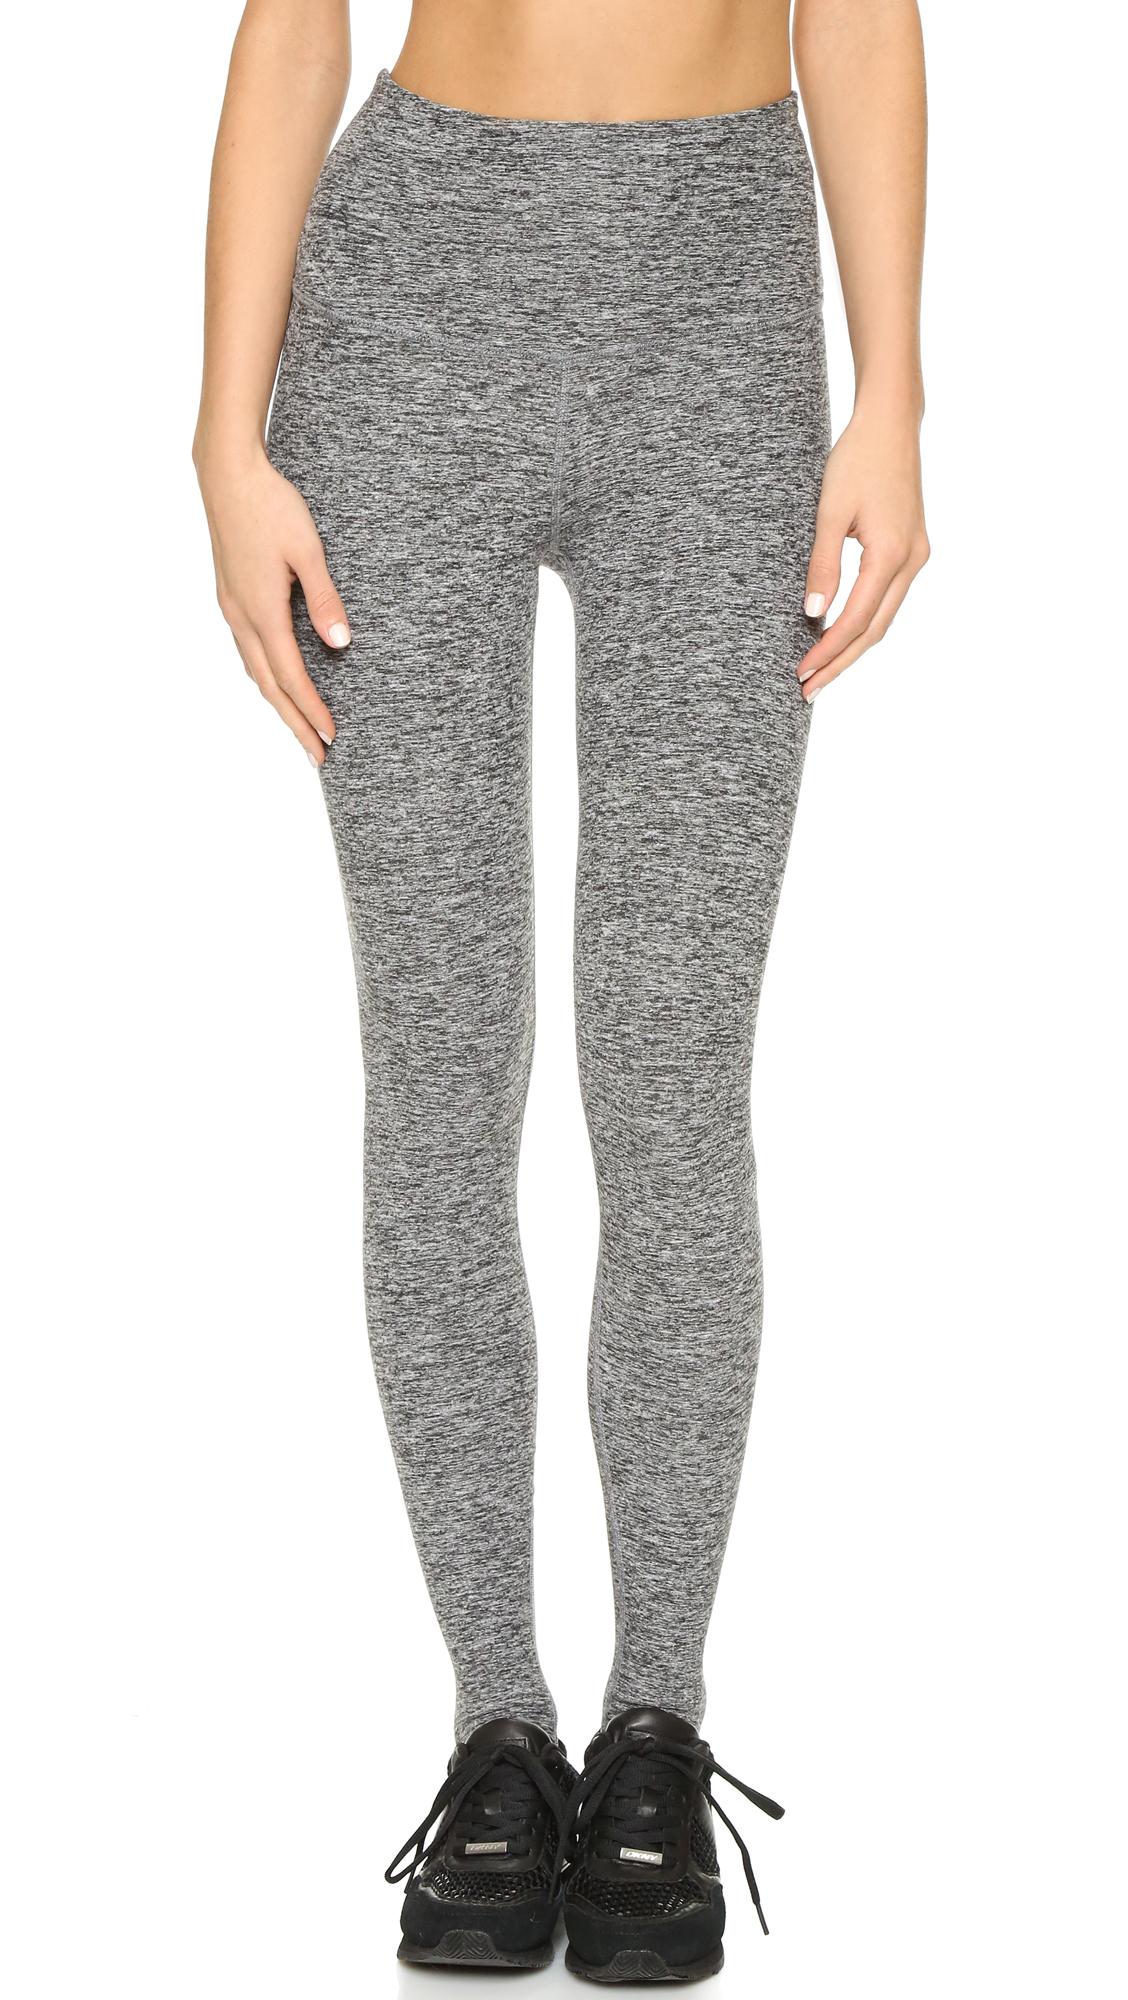 fc2eab33a6210 Beyond Yoga High Waist Stirrup Leggings in Black - Lyst